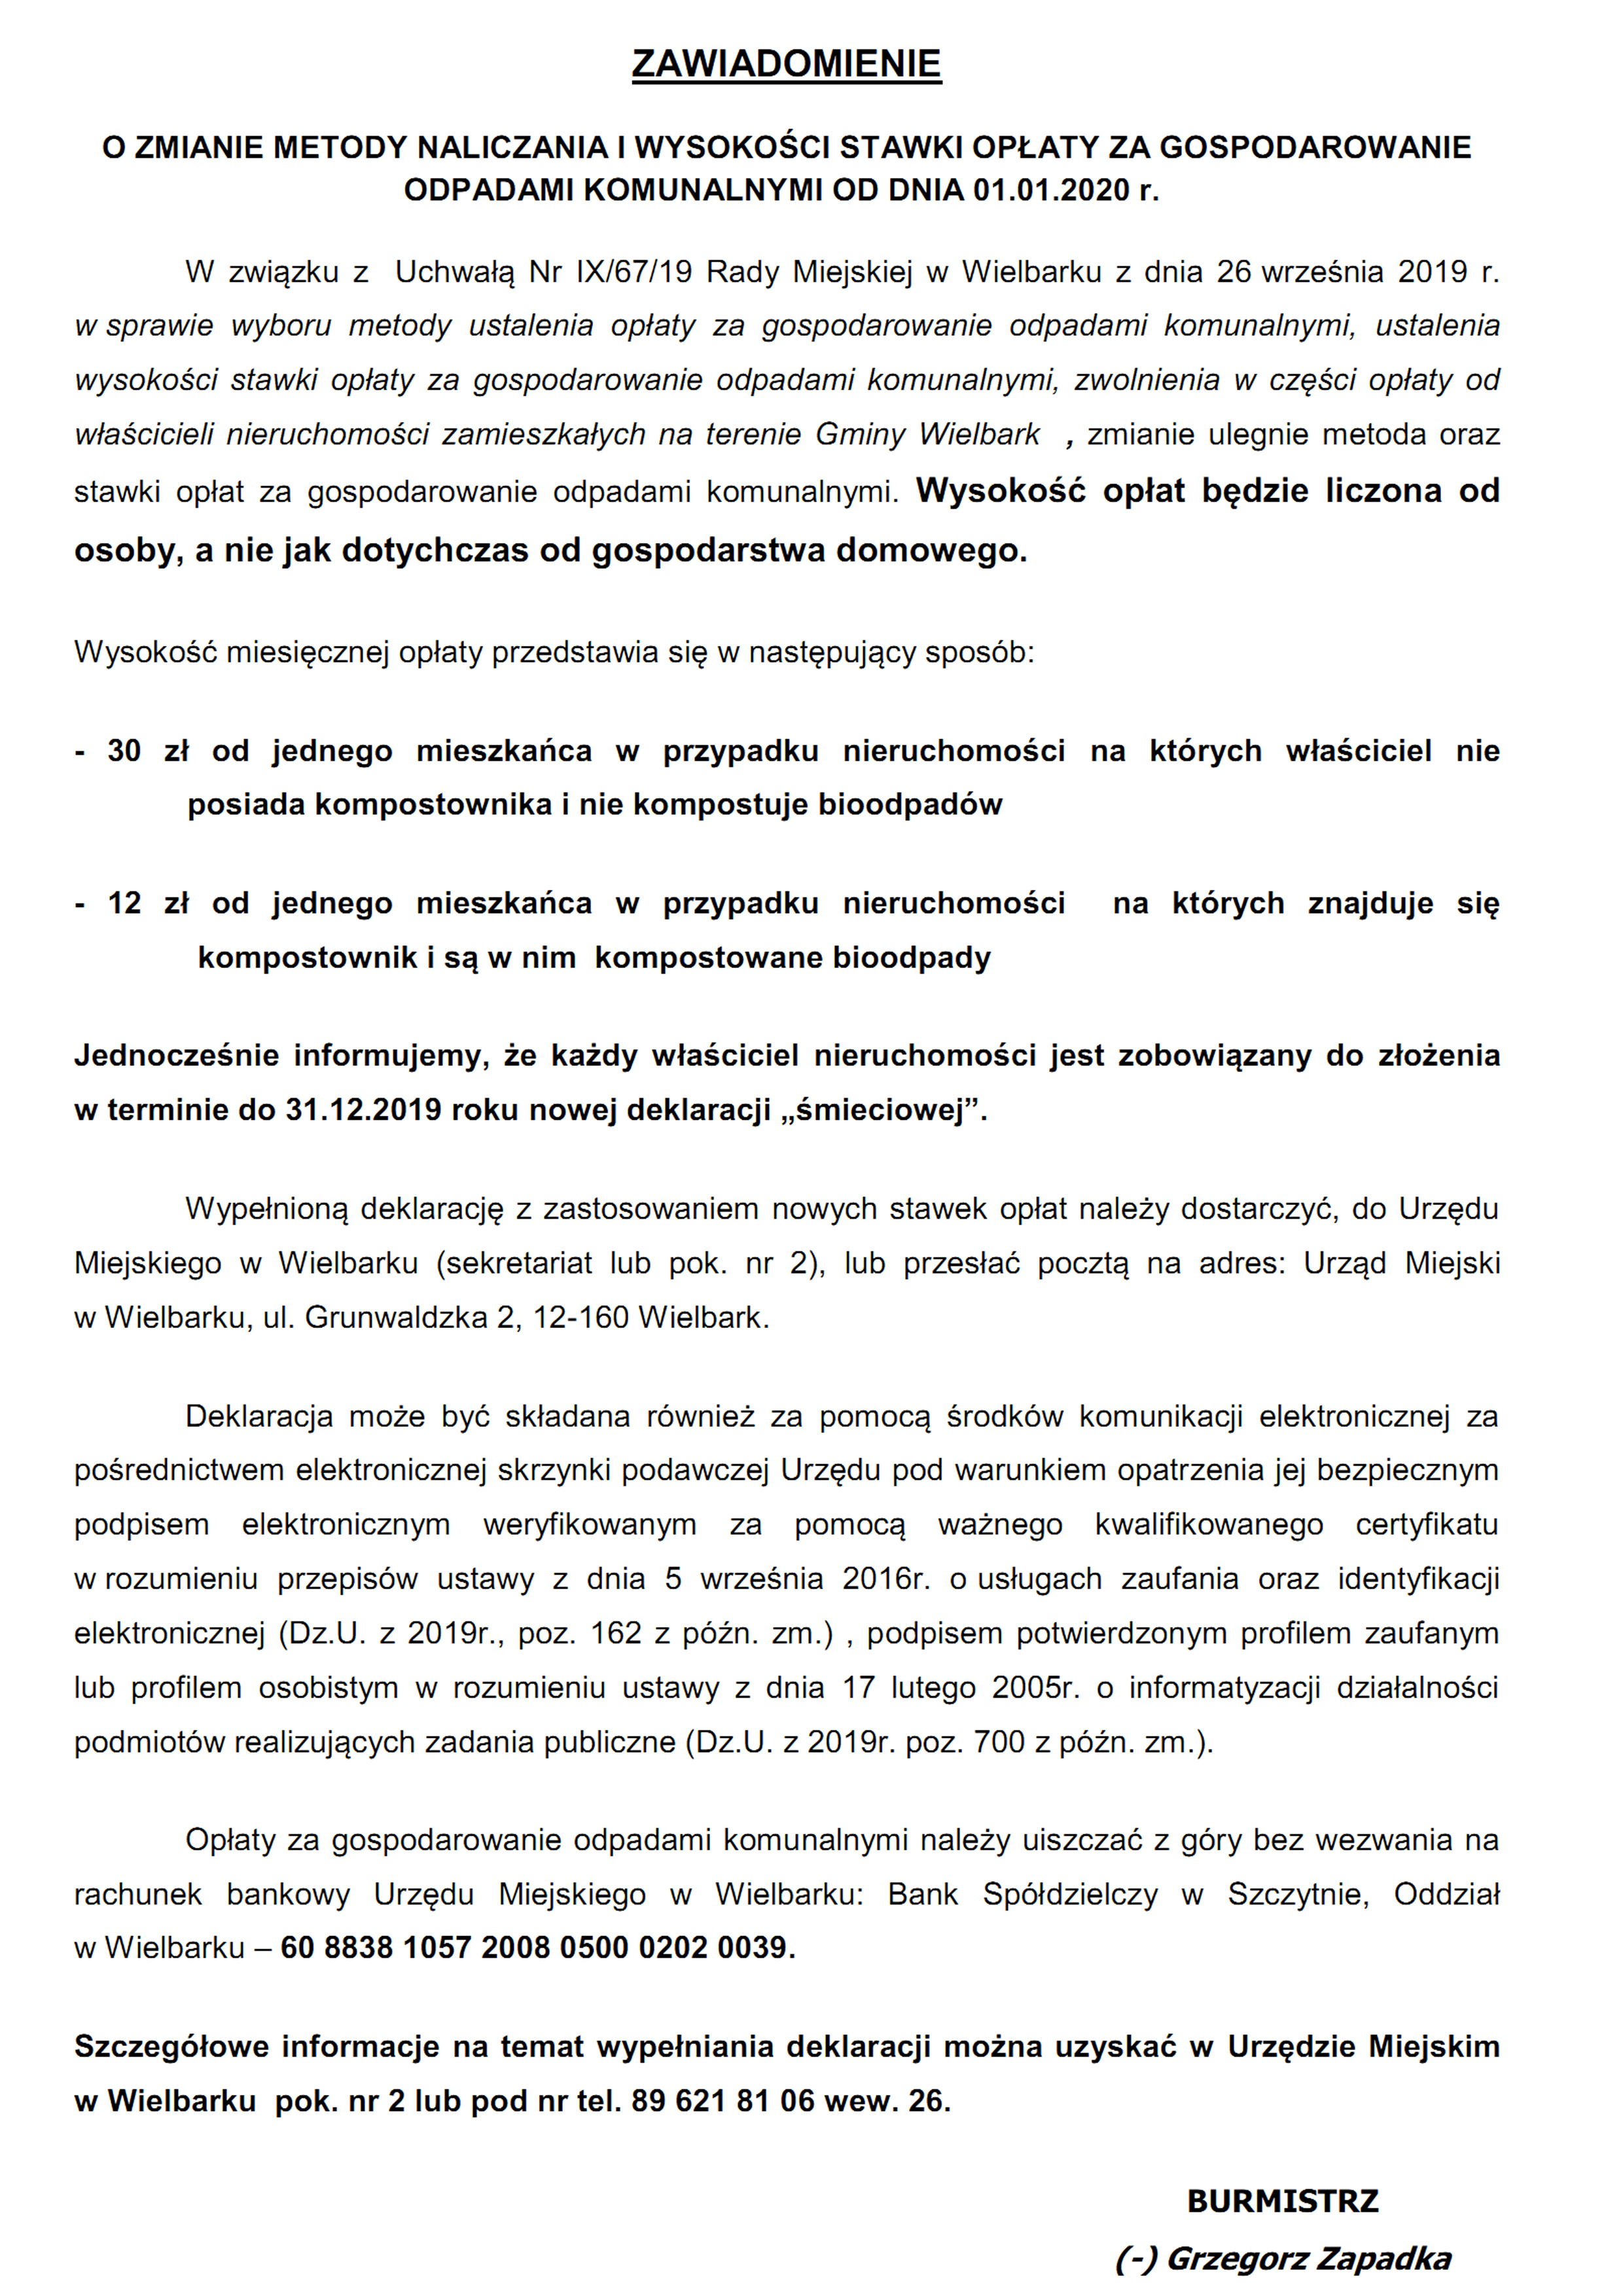 https://m.powiatszczycienski.pl/2019/11/orig/komunikat-smieci-2020-26139.jpg